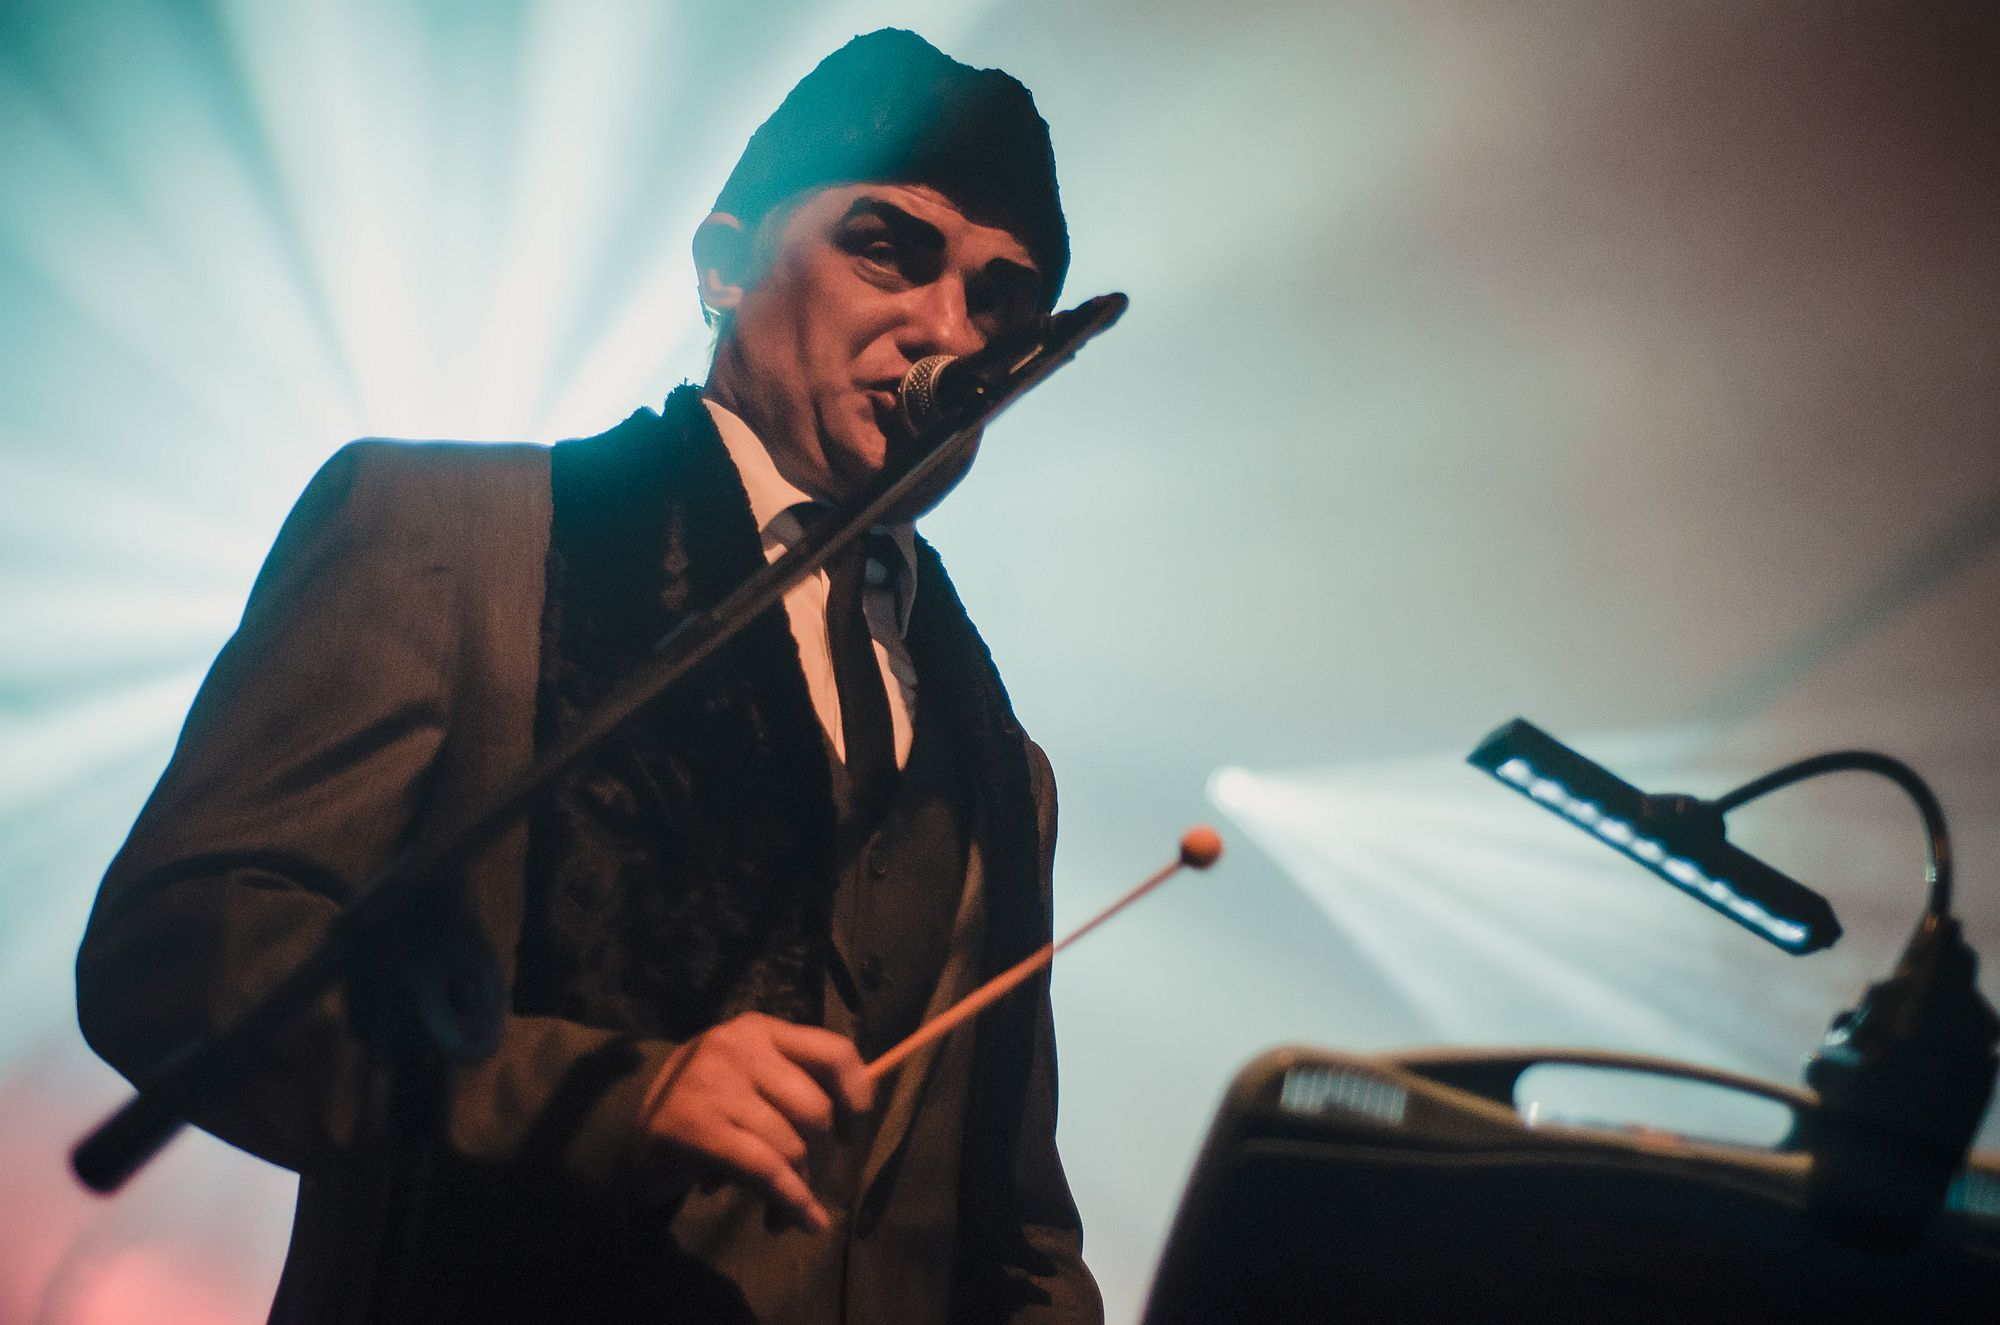 [Mężczyzna z zespołu Gromyka śpiewa do mikrofonu. Ma mocno pomalowane na ciemno brwi i czapkę na głowie. W ręku trzyma pałeczkę. W tle przebija jasne światło.]